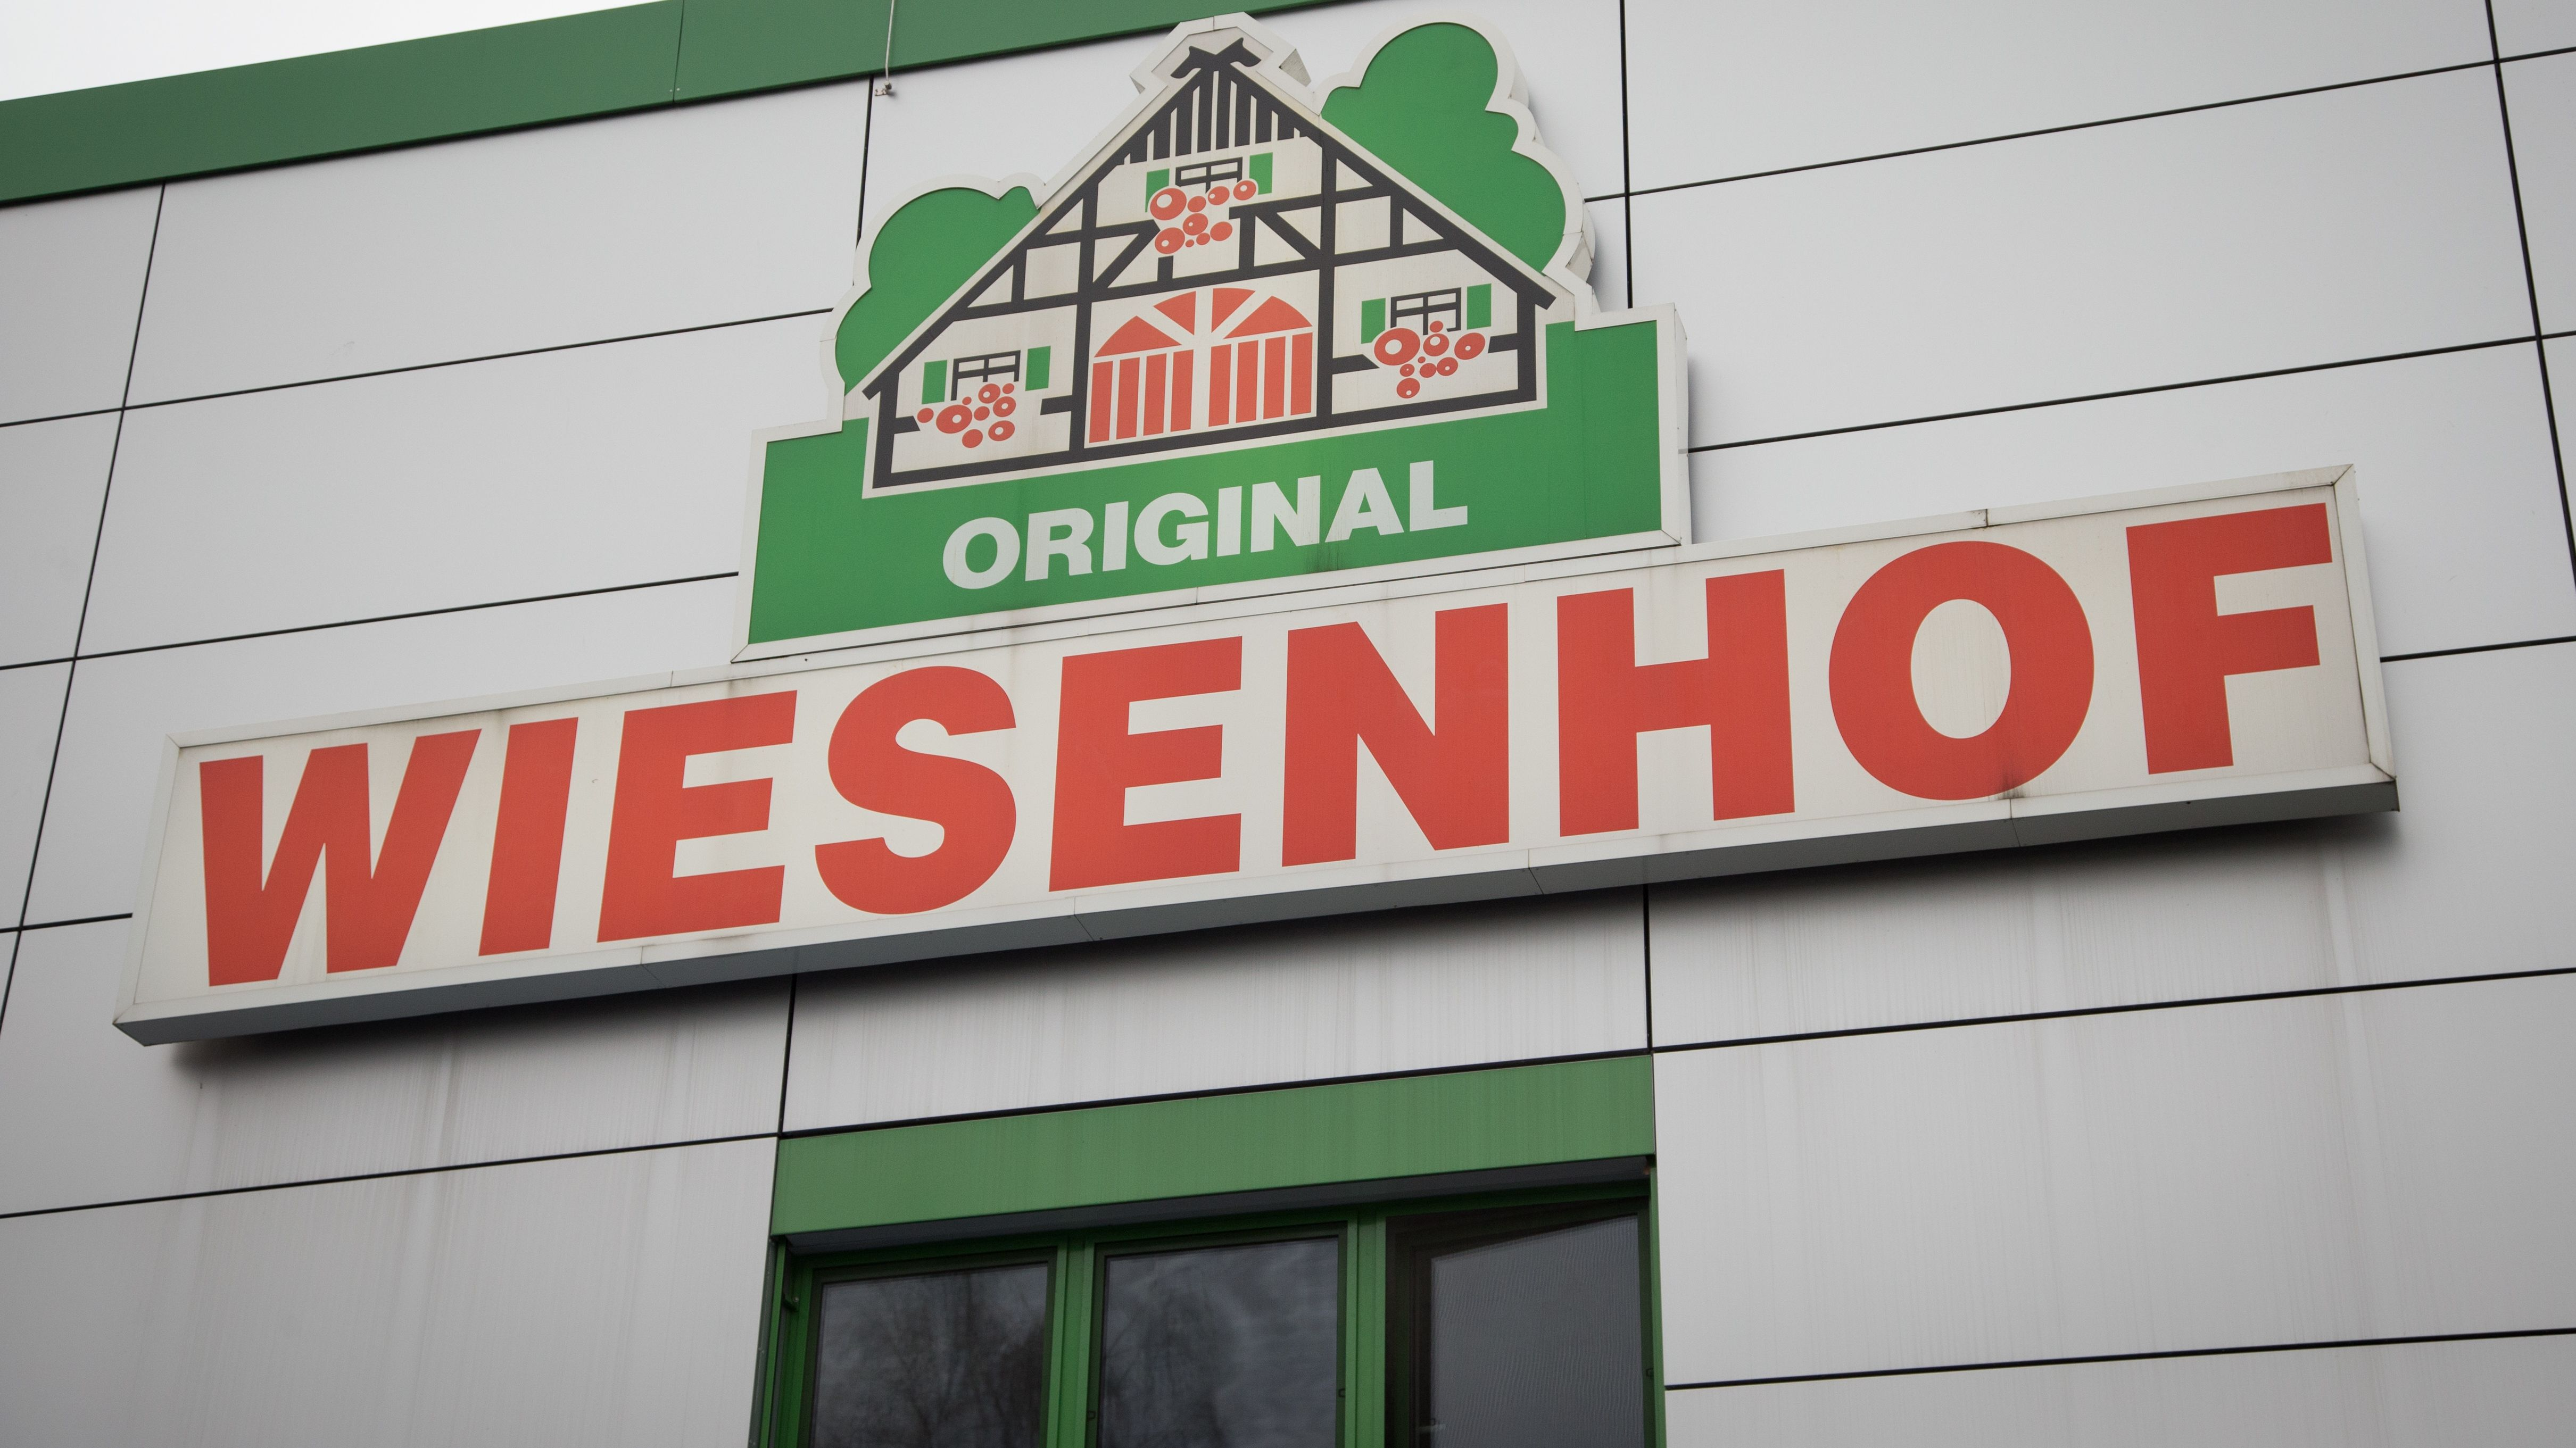 Archivbild: Wiesenhof-Logo / Wiesenhof möchte Insektenmehl statt Soja verfüttern.